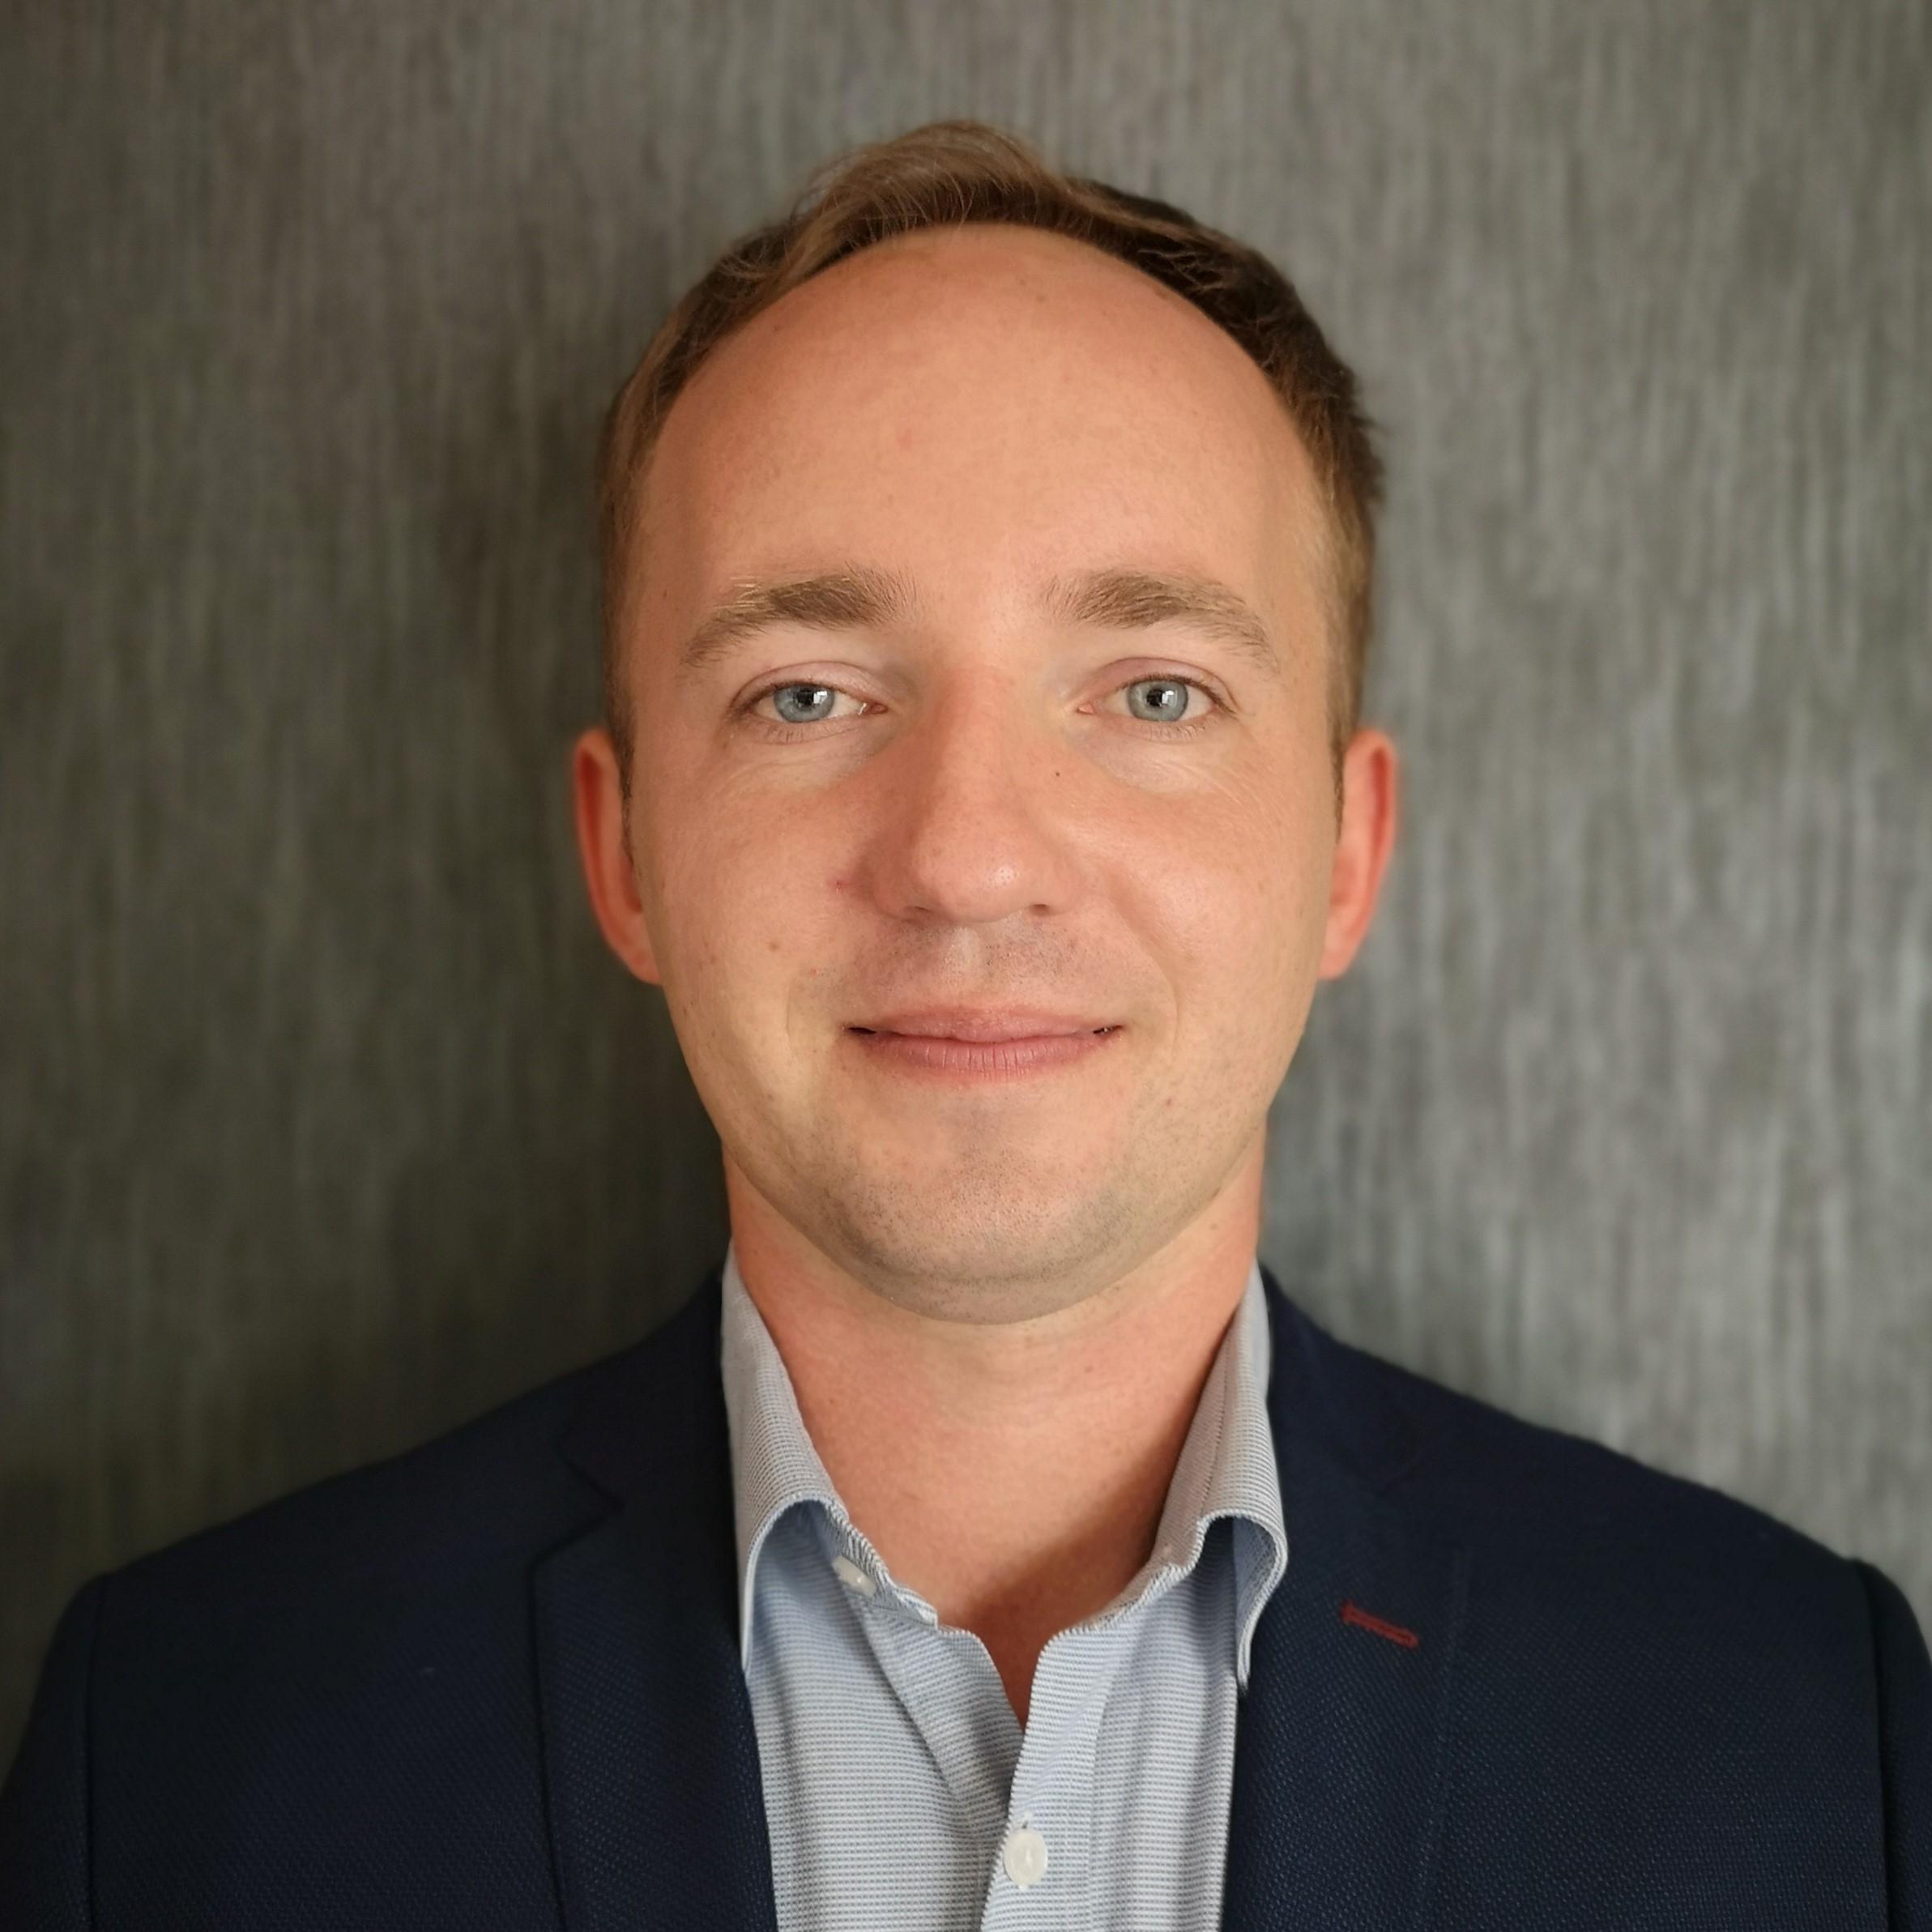 Piotr Piotr